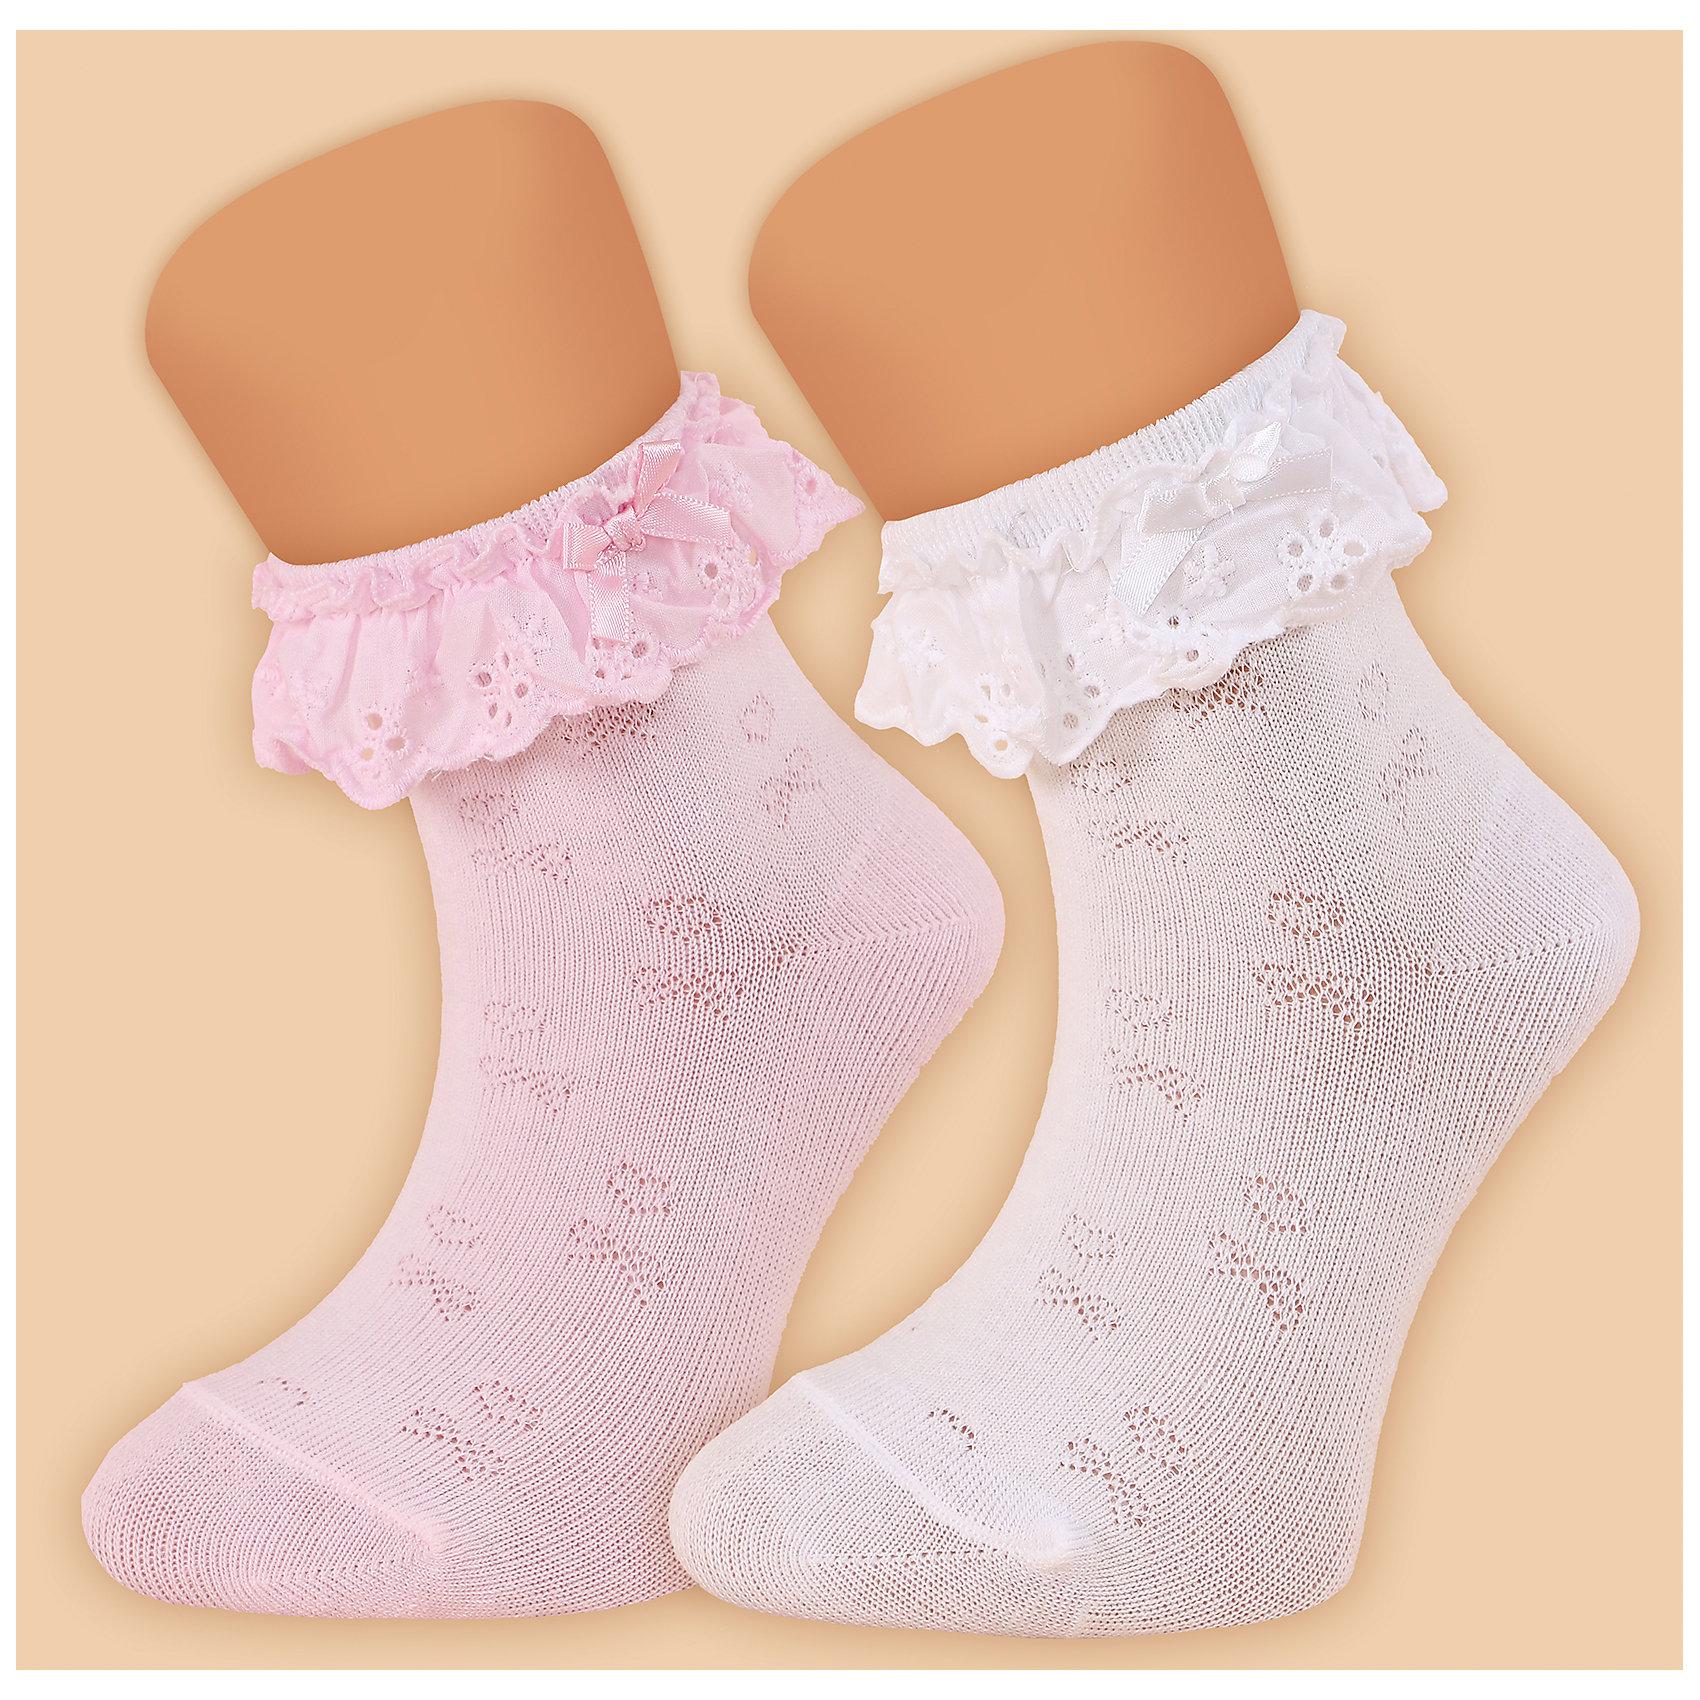 Носки для девочки  GlamurikiХарактеристики:<br><br>• Вид одежды: чулочно-носочные изделия<br>• Сезон: круглый год<br>• Пол: для девочки<br>• Цвет: розовый<br>• Коллекция: Классик<br>• Материал: лайкра – 2%, нейлон – 25%, хлопок – 73%<br>• Уход: ручная стирка<br><br>Носки для девочки  Glamuriki изготовлены по итальянской технологии из трикотажа высокого качества, в состав которого входит лайкра, нейлон и хлопок. Такое сочетание обеспечивает прочность, эластичность и хорошую посадку на ноге.  Изделие полностью гипоаллергенно. Носки выполнены ажурной вязкой розового цвета, на резинке имеется оборка из хлопка с шитьем и узкий бантик. Такие носочки дополнят праздничный образ вашей девочки и станут ярким аксессуаром детского гардероба.  <br><br>Носки для девочки  Glamuriki можно купить в нашем интернет-магазине.<br><br>Подробнее:<br>Номер товара: 4973193<br>Страна производитель: Китай<br><br>Ширина мм: 87<br>Глубина мм: 10<br>Высота мм: 105<br>Вес г: 115<br>Цвет: розовый<br>Возраст от месяцев: 72<br>Возраст до месяцев: 84<br>Пол: Женский<br>Возраст: Детский<br>Размер: 28-30,24-26<br>SKU: 4973193